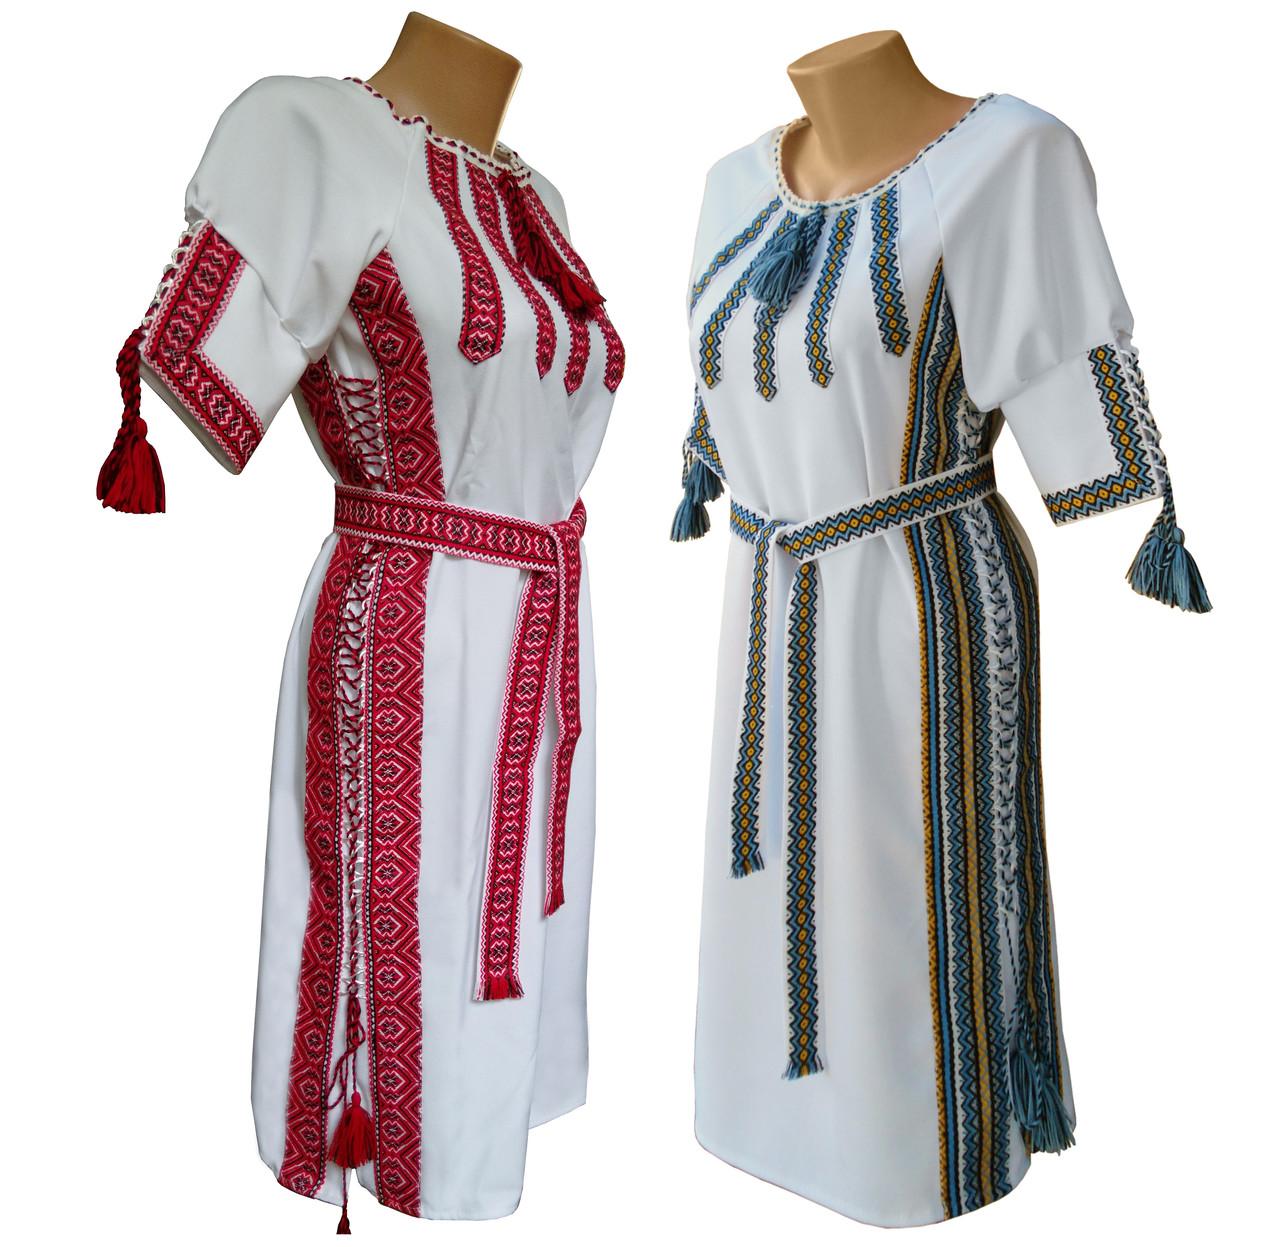 Жіноча сукня із тканою вишитою нашивкою середньої довжини із геометричним орнаментом